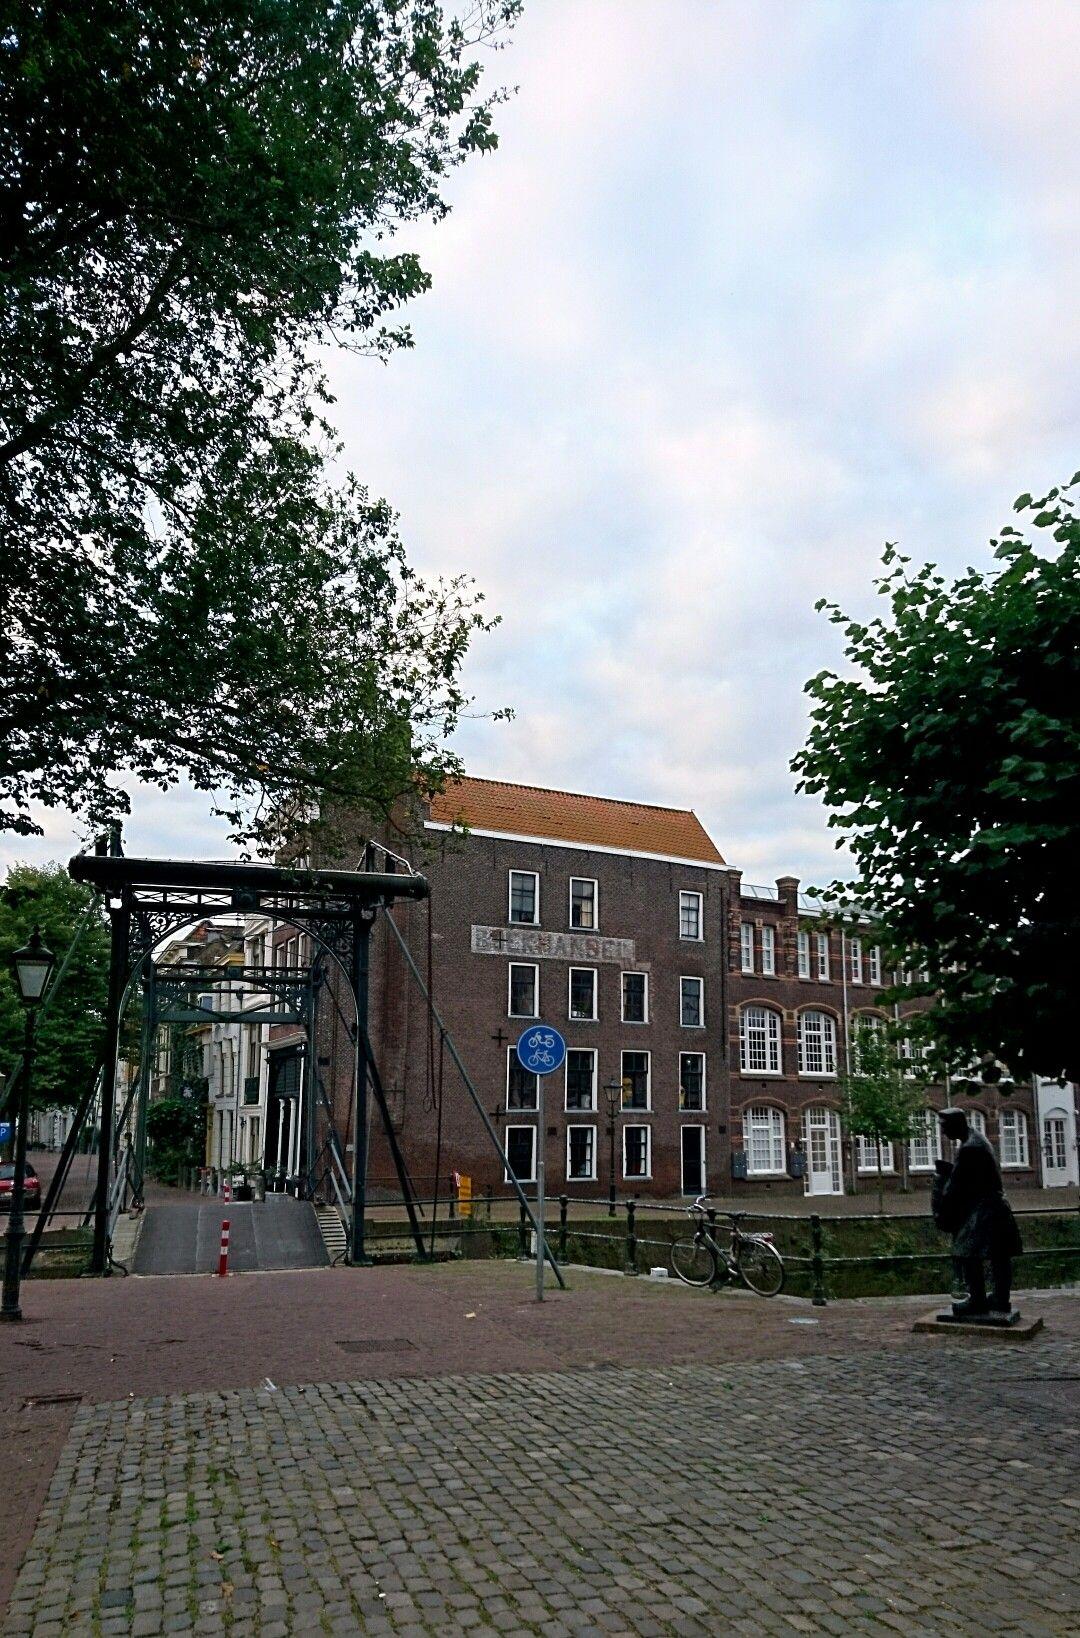 Korte haven brug, Schiedam mypic